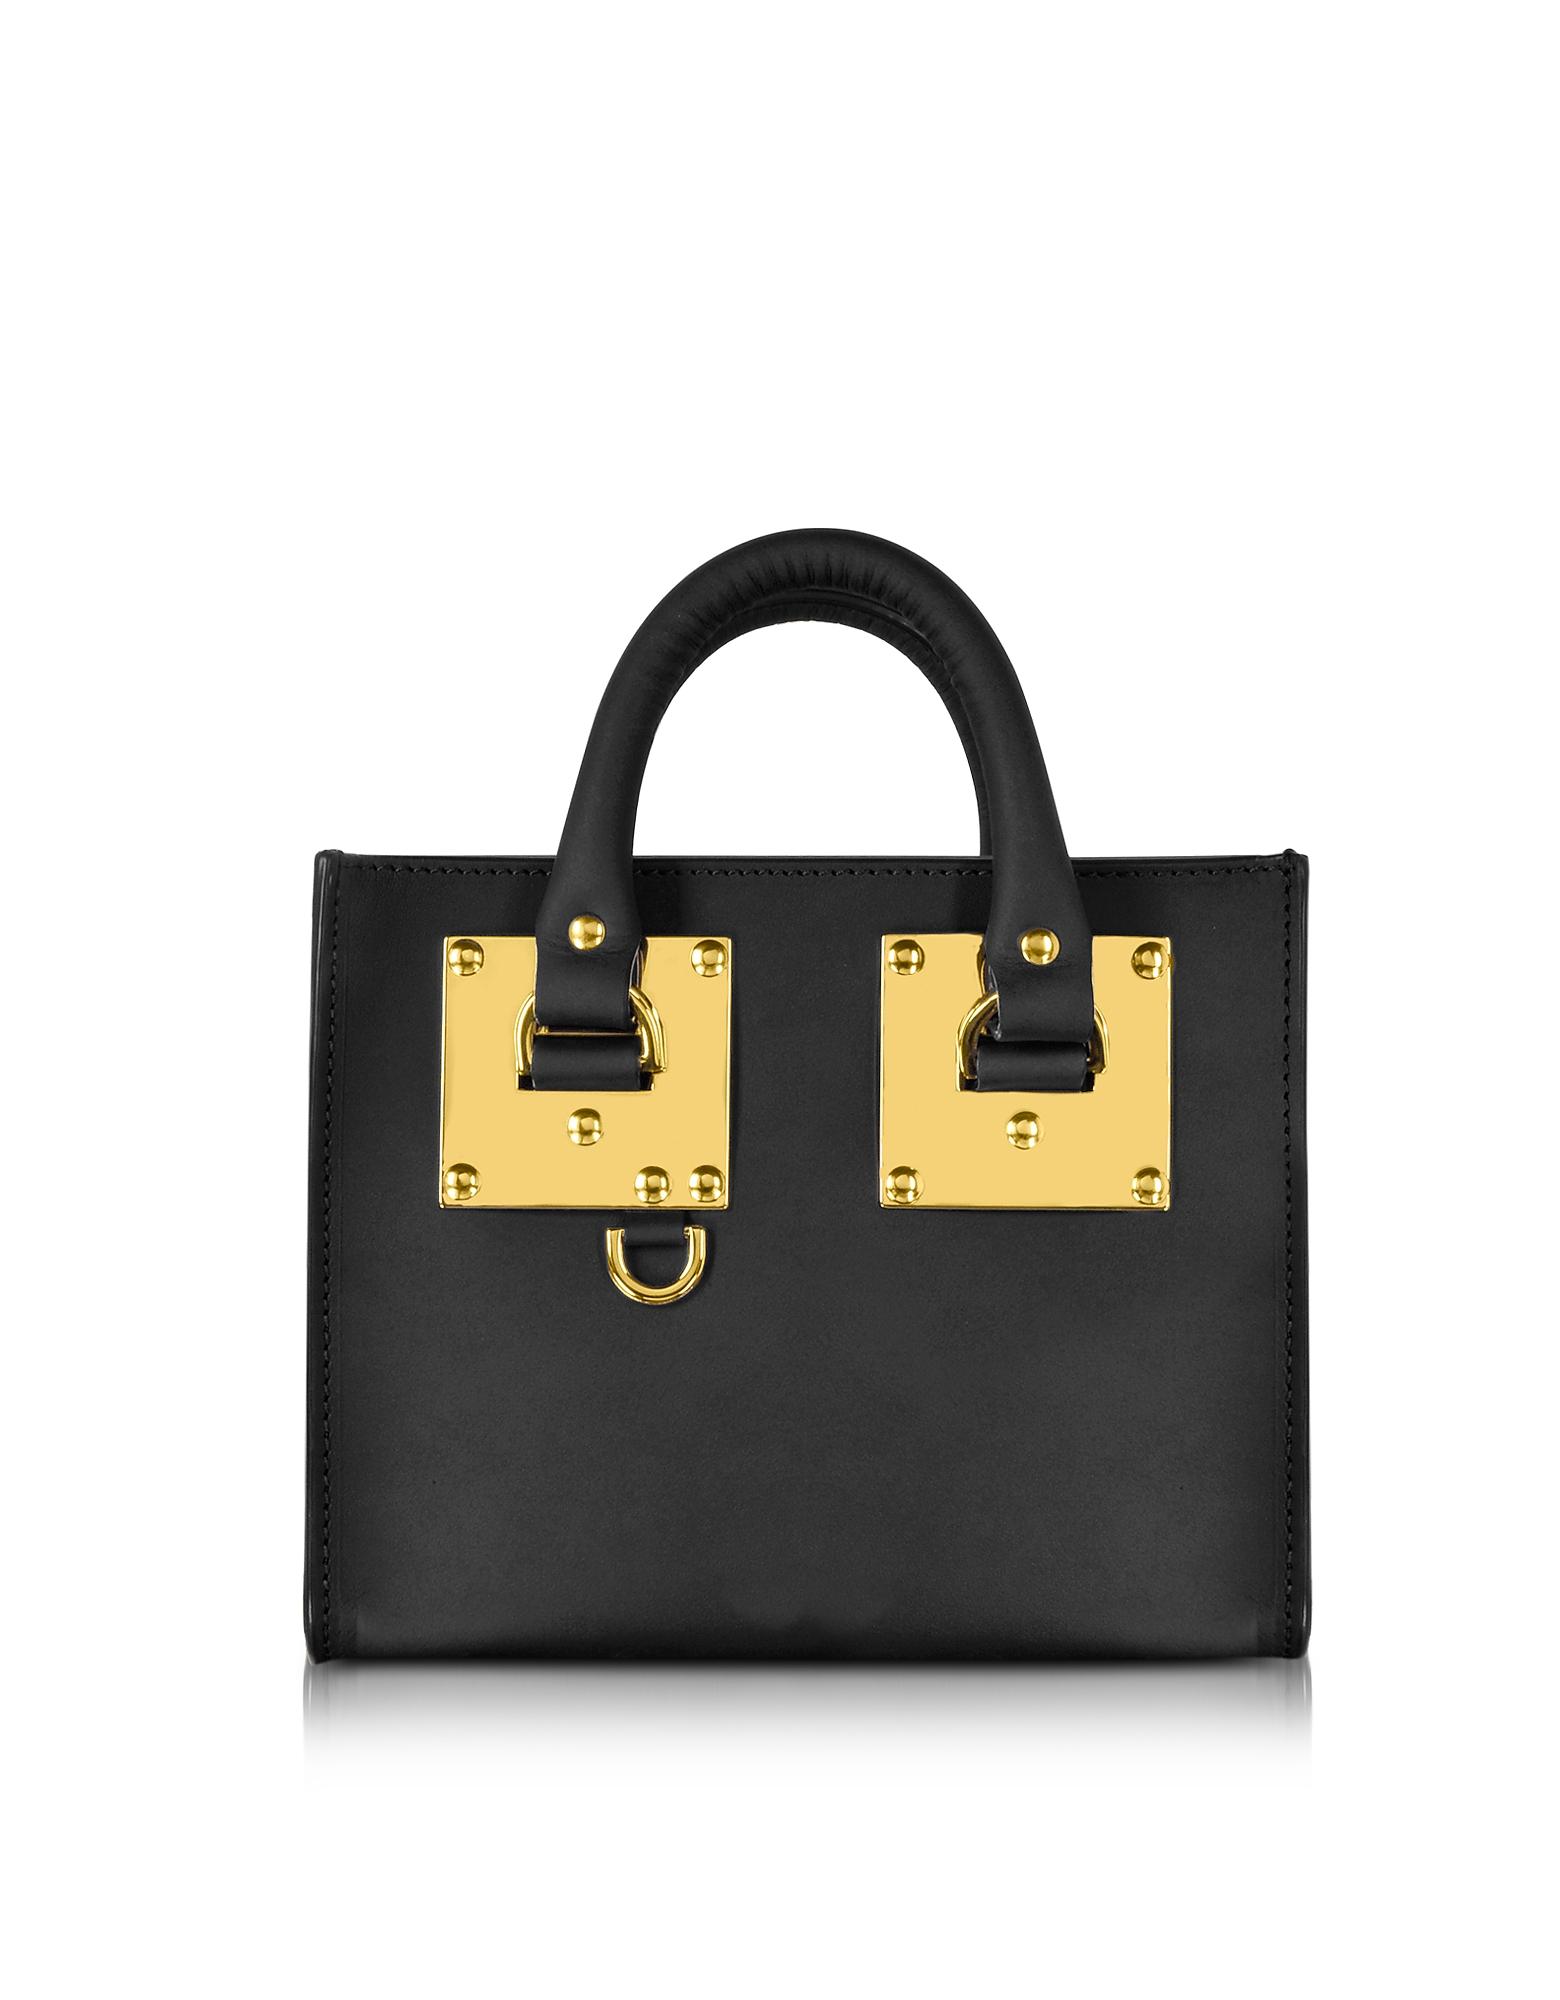 Sophie Hulme Handbags, Black Leather Albion Box Tote Bag